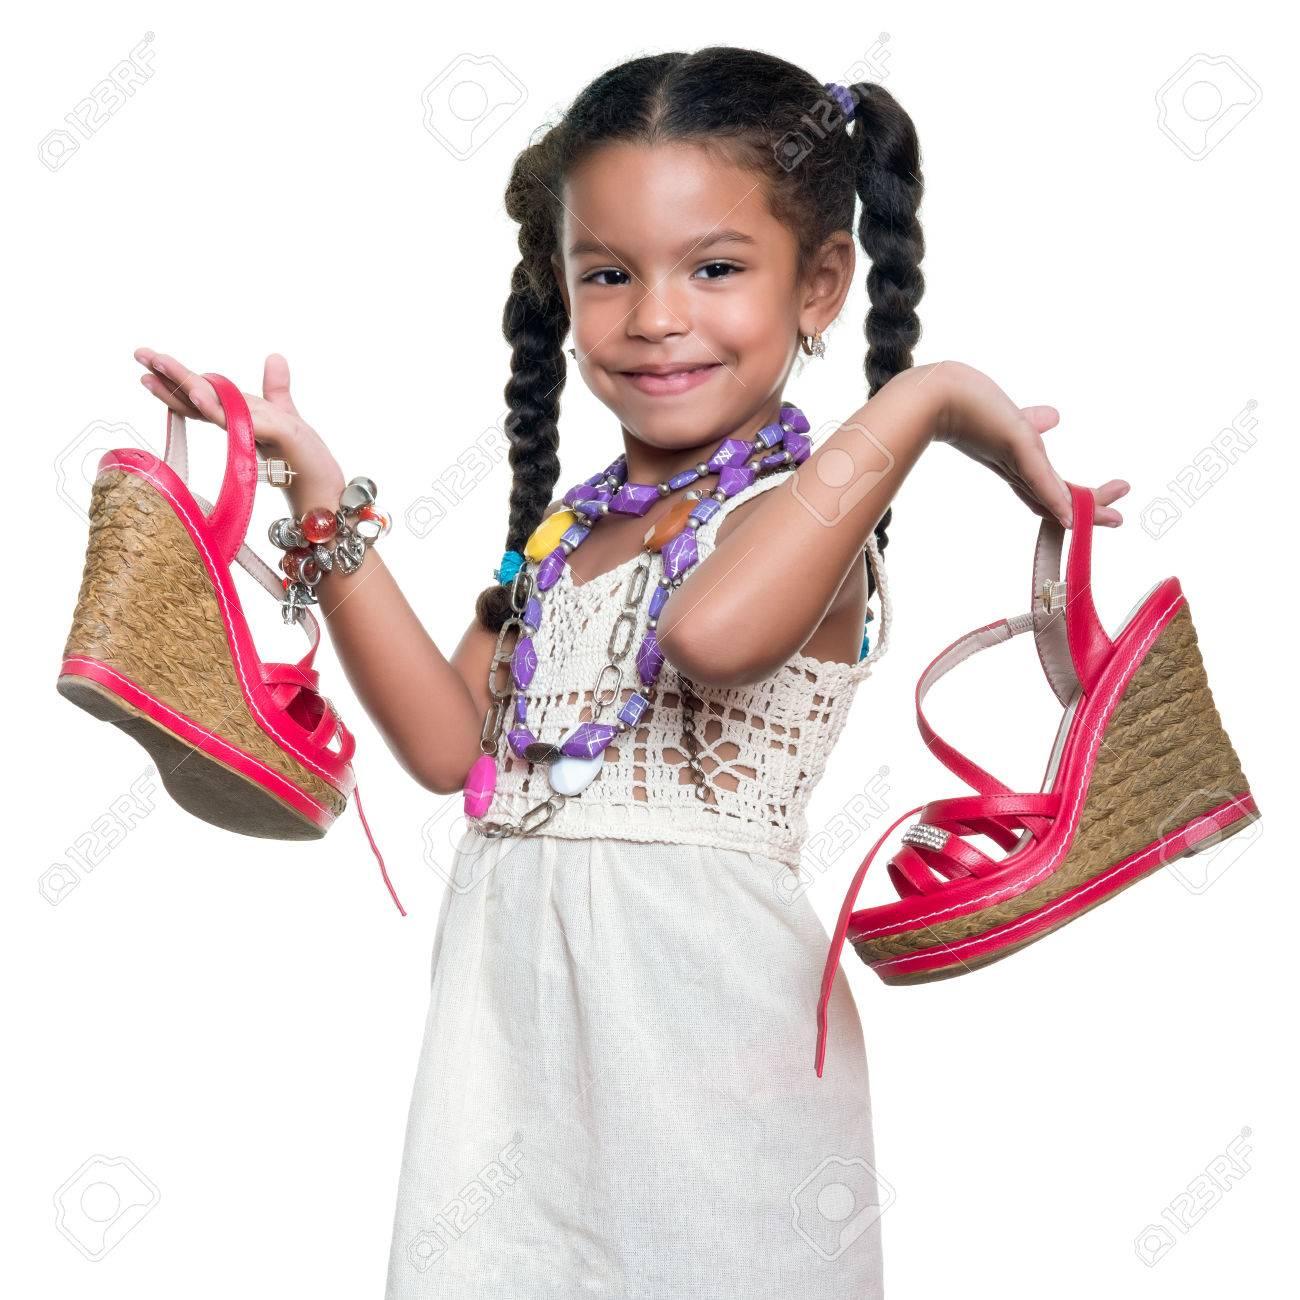 cc089df3ff9e1 Foto de archivo - Linda afroamericano pequeña niña vestida como una mujer  adulta con collares coloful que llevan un par de zapatos rojos - aislados  en ...